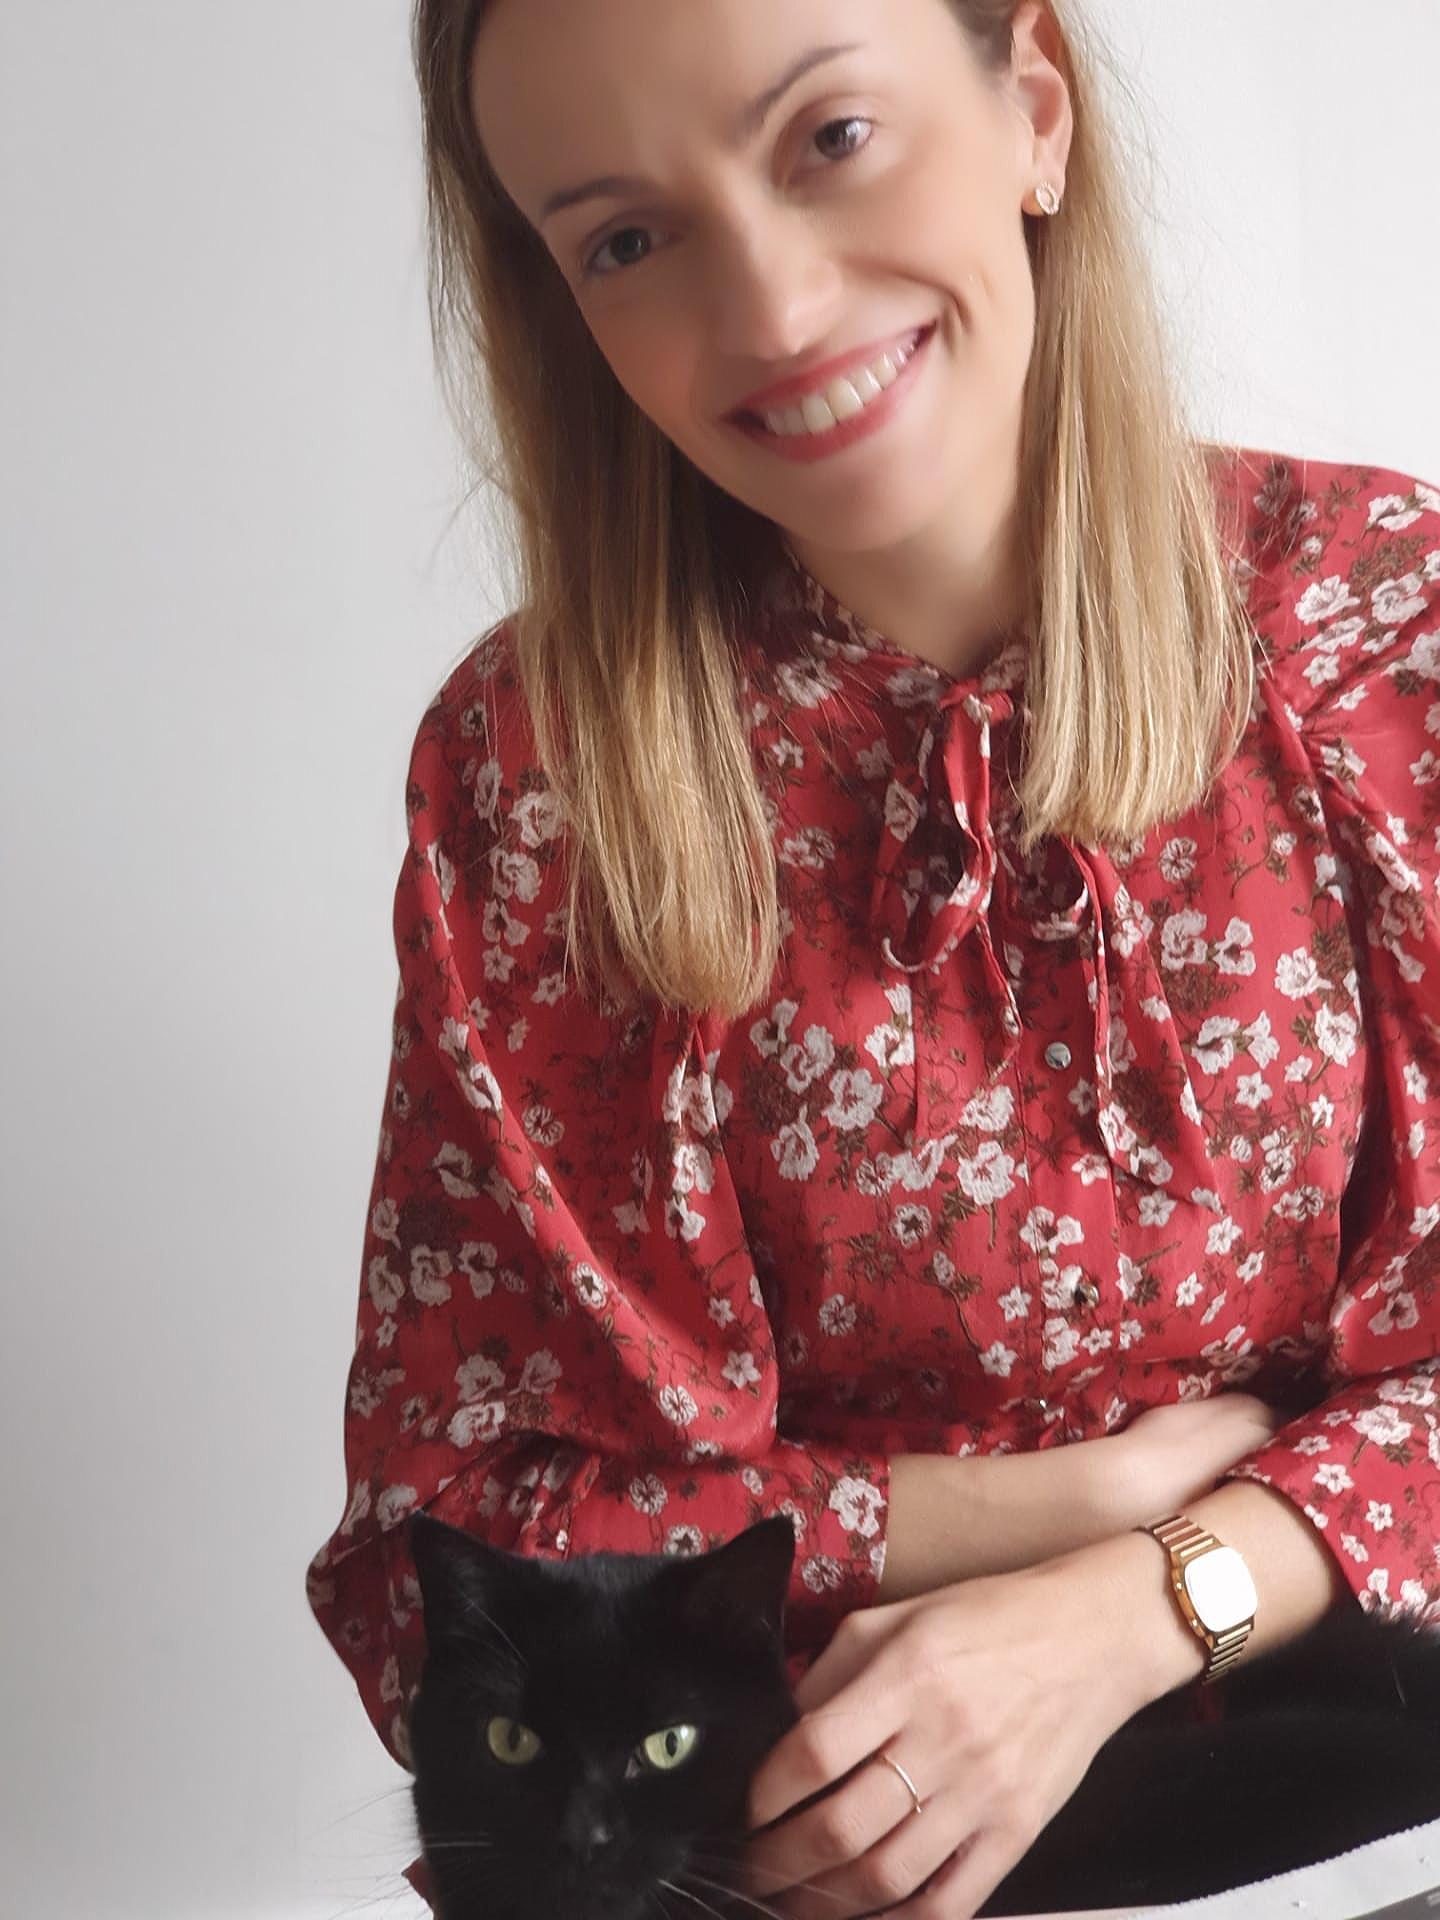 Eva Van Ginneken